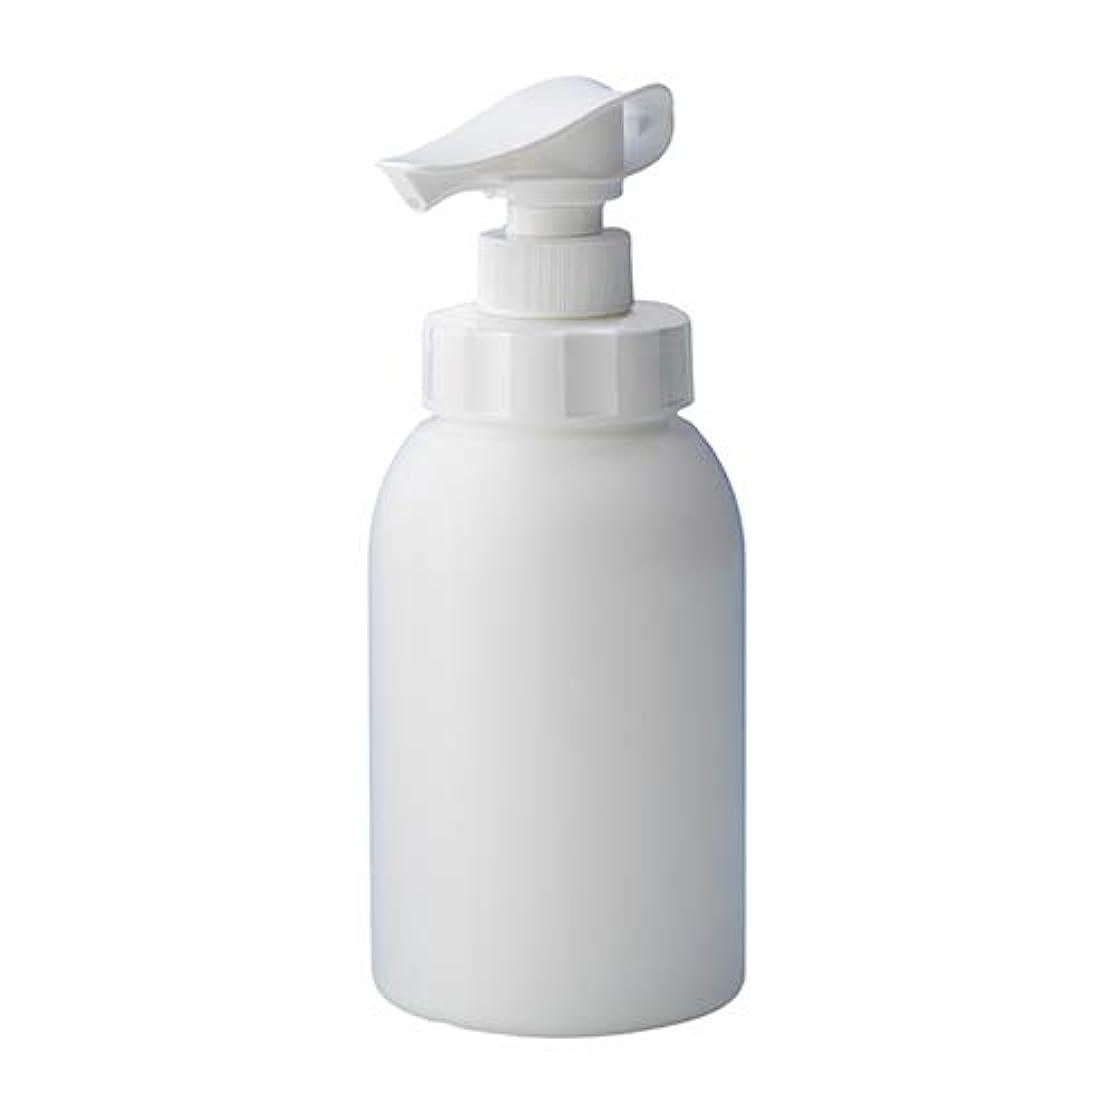 天かけがえのない急降下押すだけで泡が出る 安定感のある 泡ポンプボトル ボディソープ ハンドソープ 600ml詰め替え容器 ホワイト 10個セット